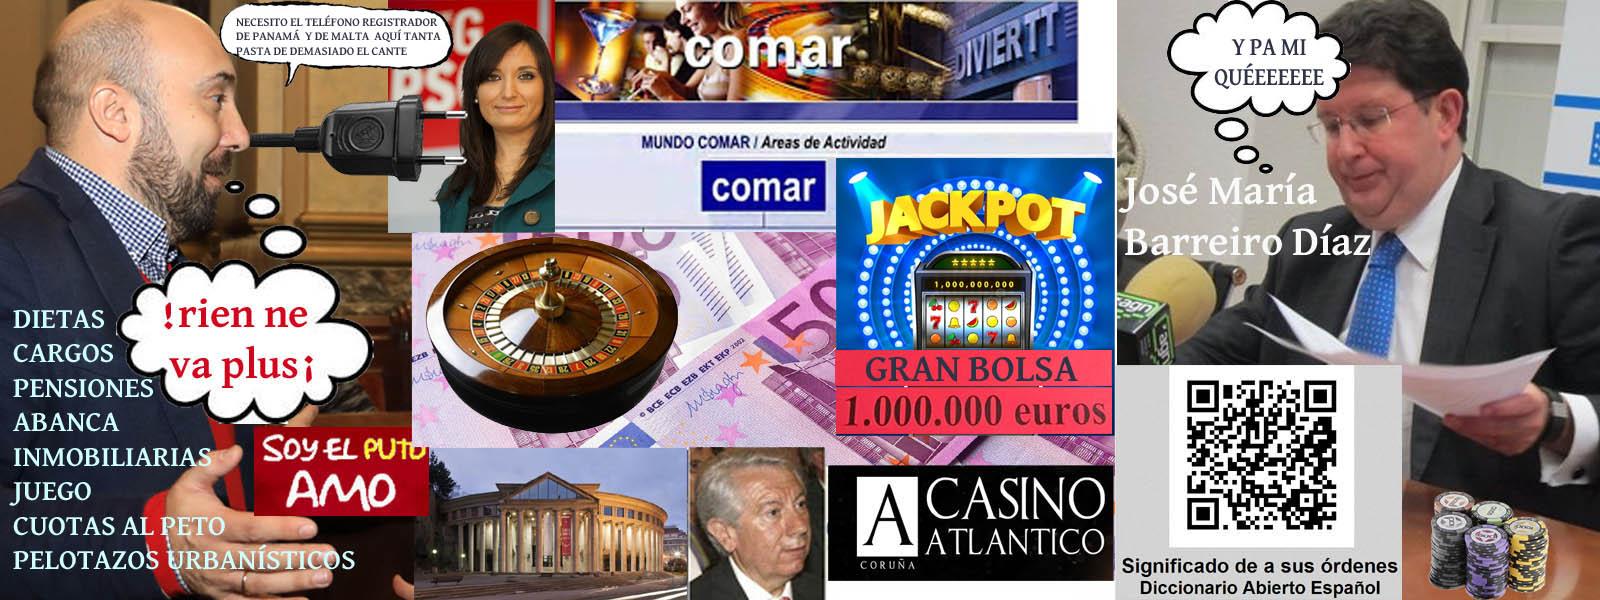 Denuncian irregularidades en nombramientos a dedo en el Concello de A Coruña, Lage Tuñas traslada el modus operandi de Baltar a nuestra ciudad